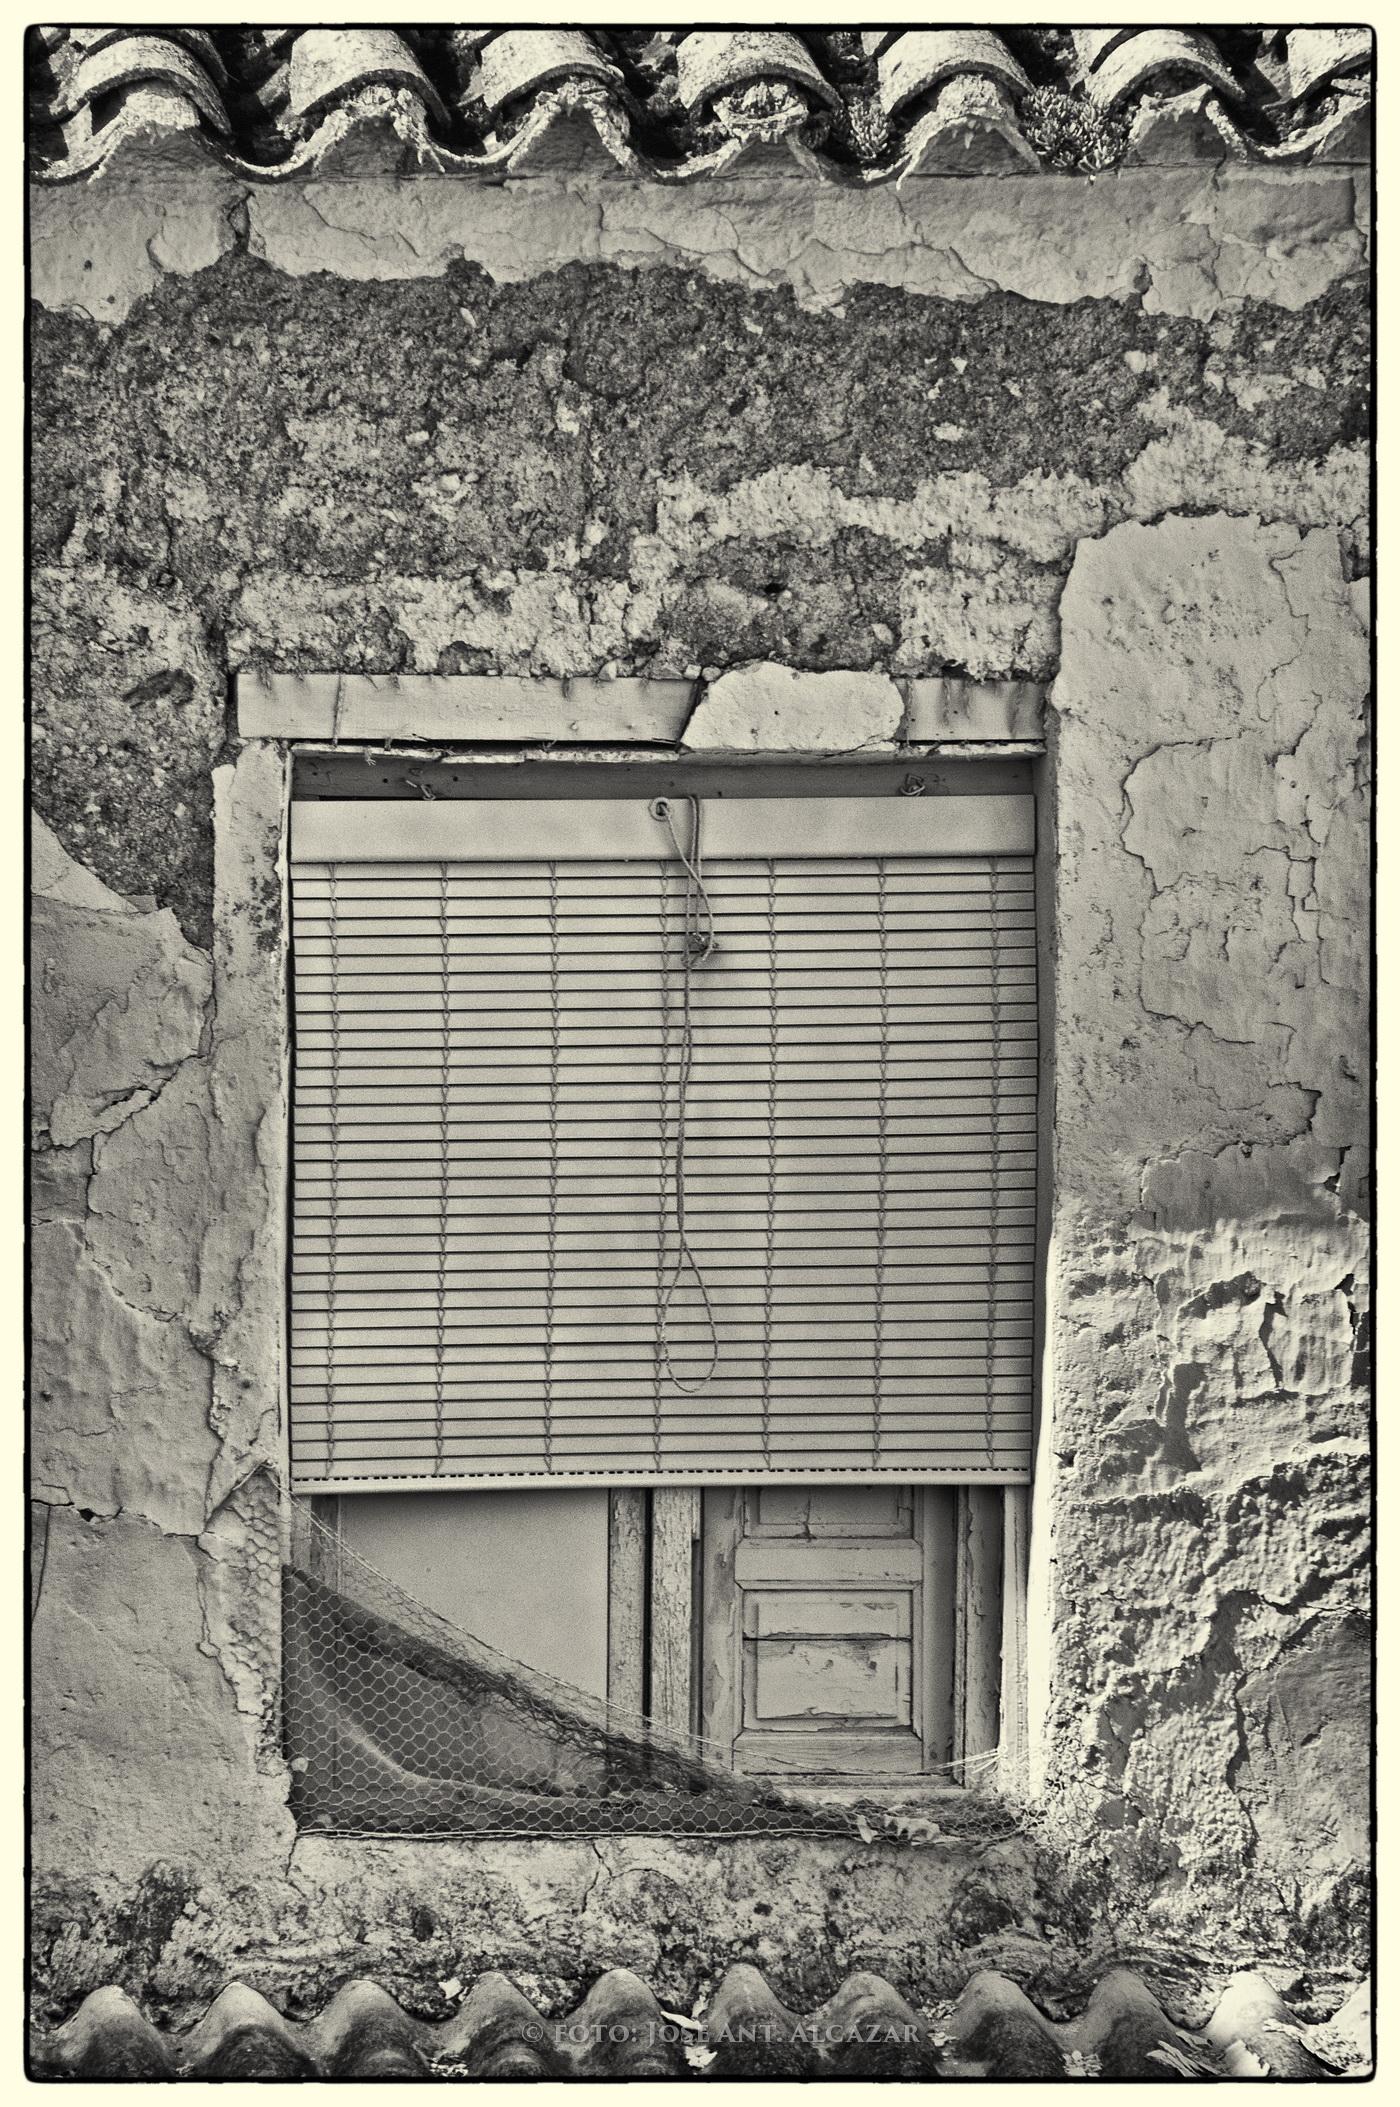 Fotografía de una ventana vieja